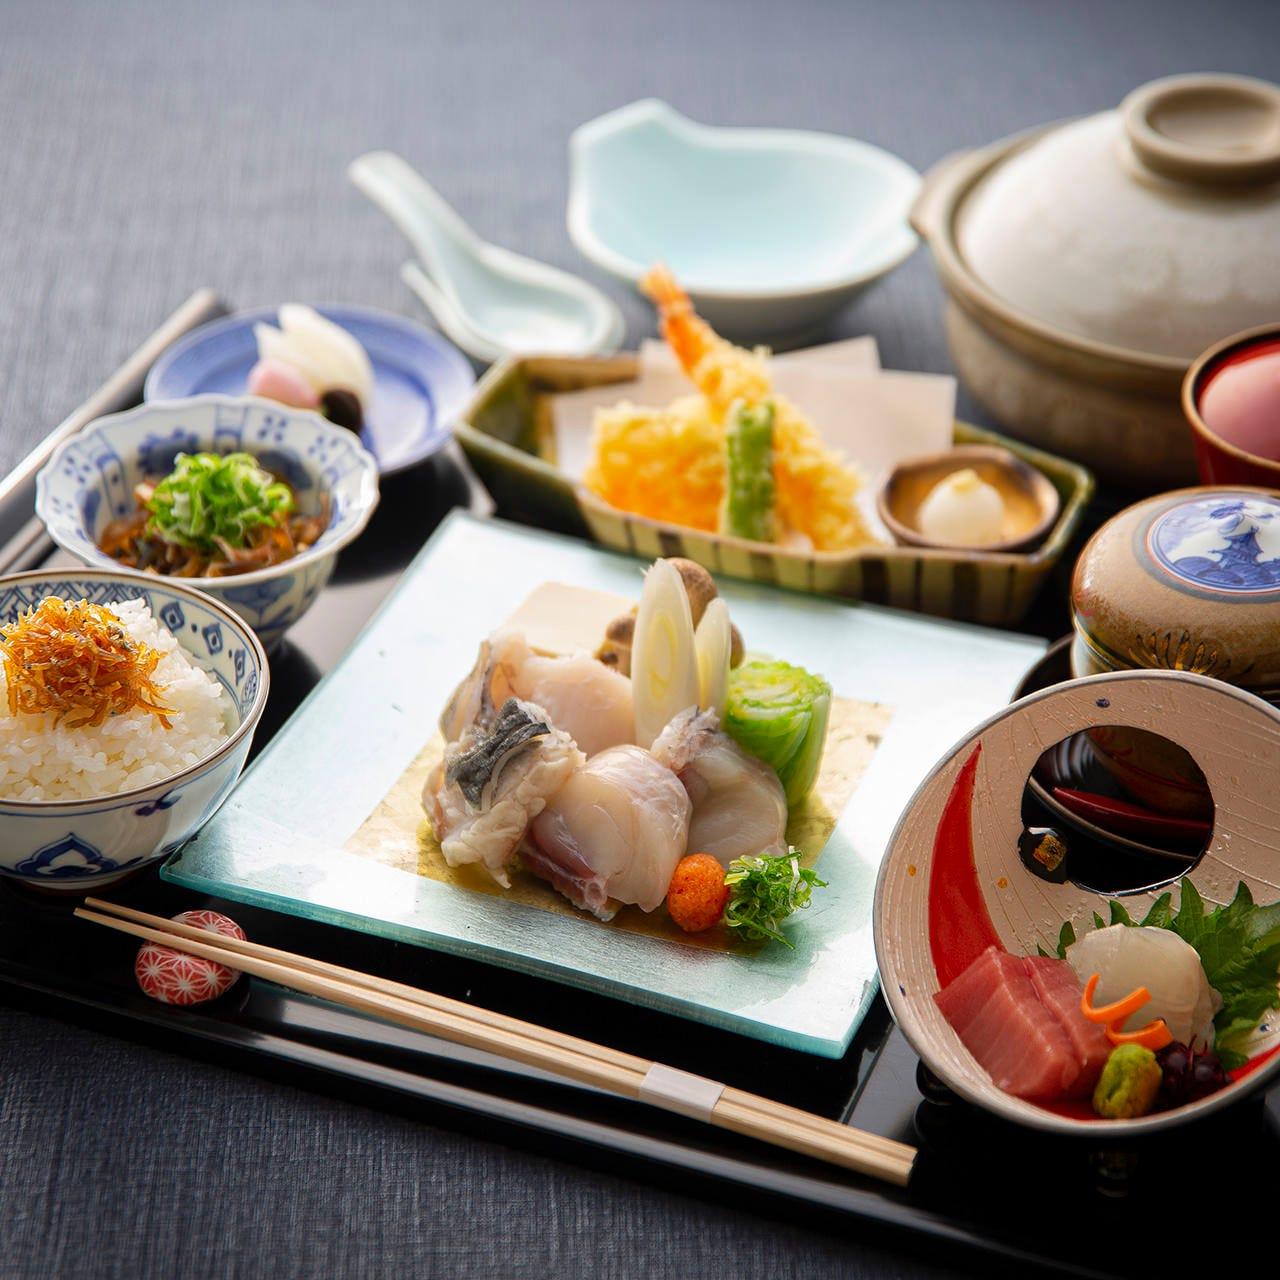 味・質・量、すべて納得の、お昼限定会席・御膳をご用意